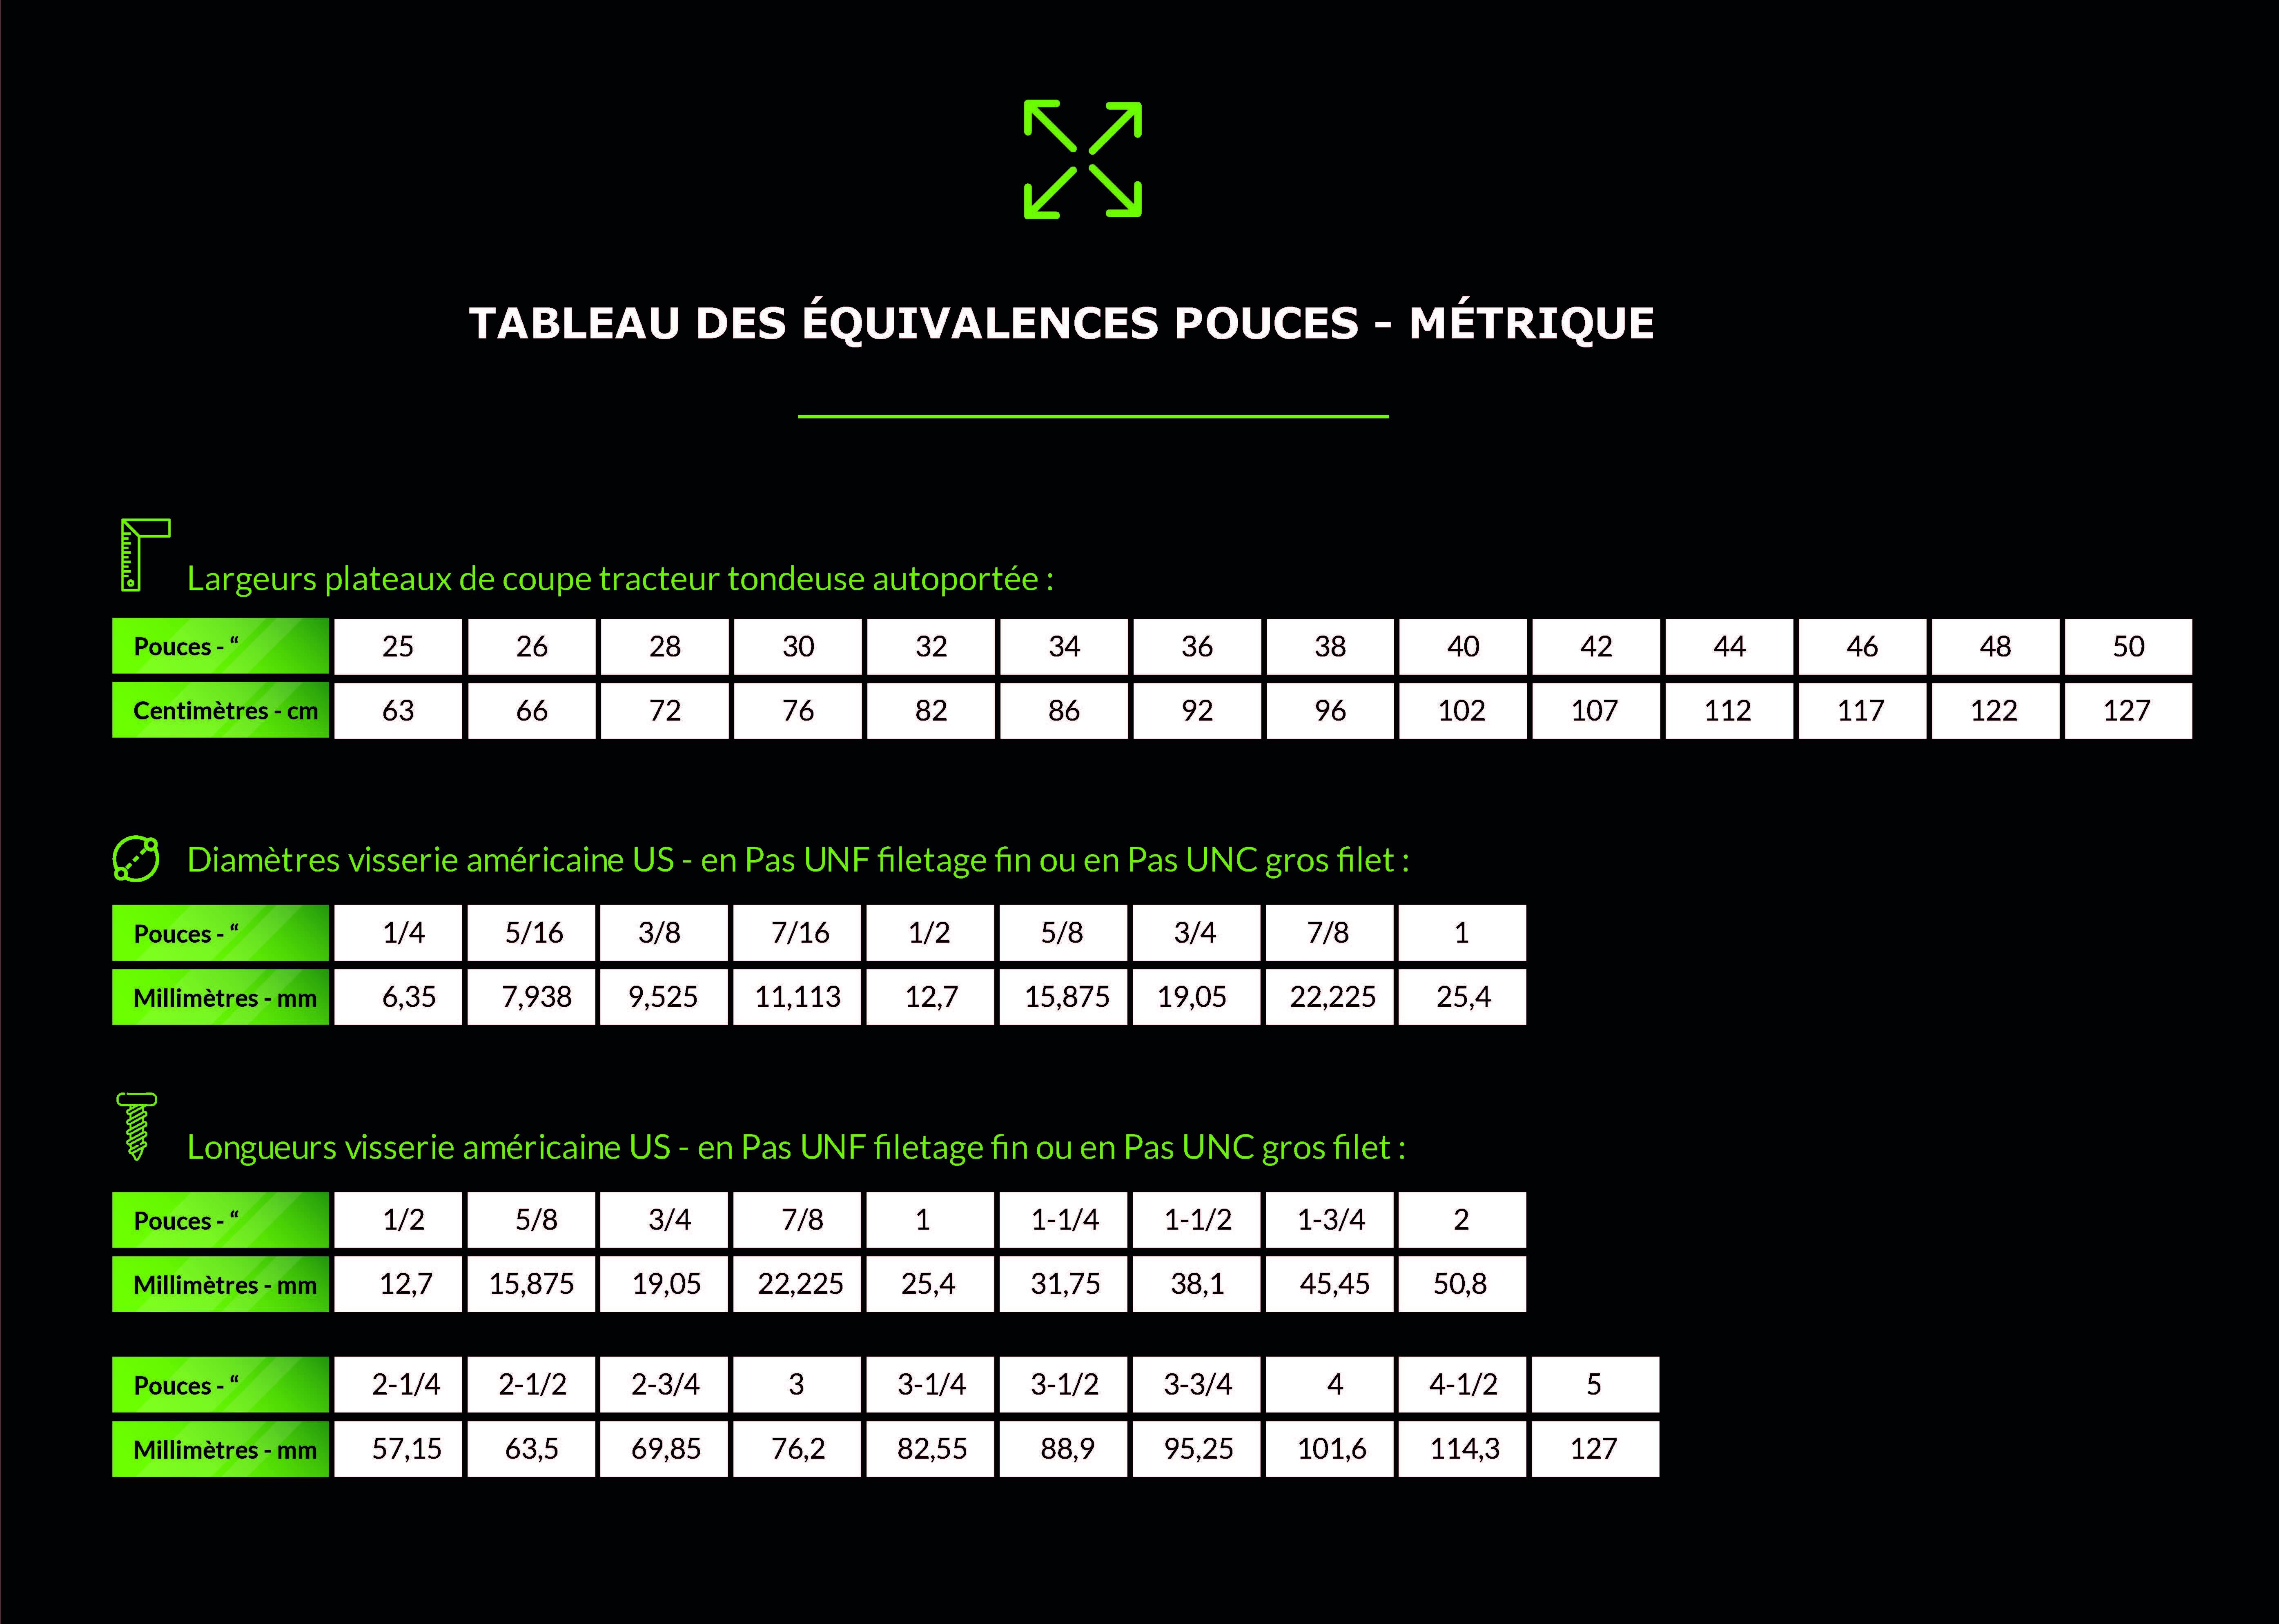 Tableau équivalence pouce métrique